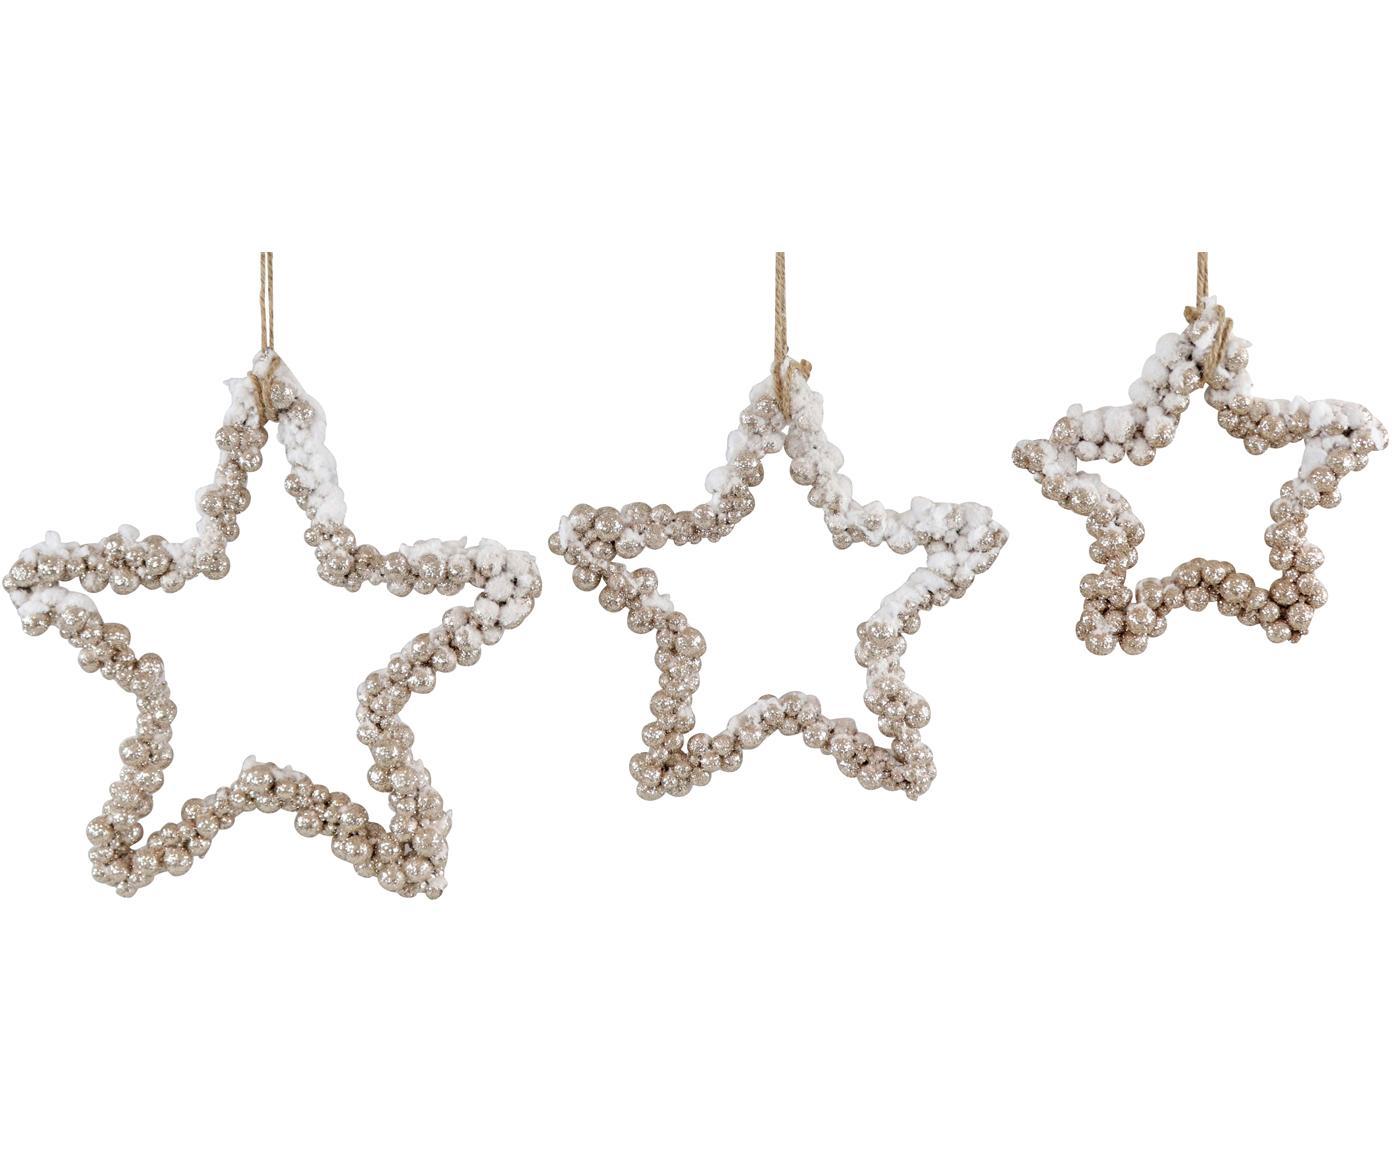 Set de adornos navideños Snowy, 3pzas., Espuma de poliestireno, plástico, metal, madera, Dorado, Set de diferentes tamaños